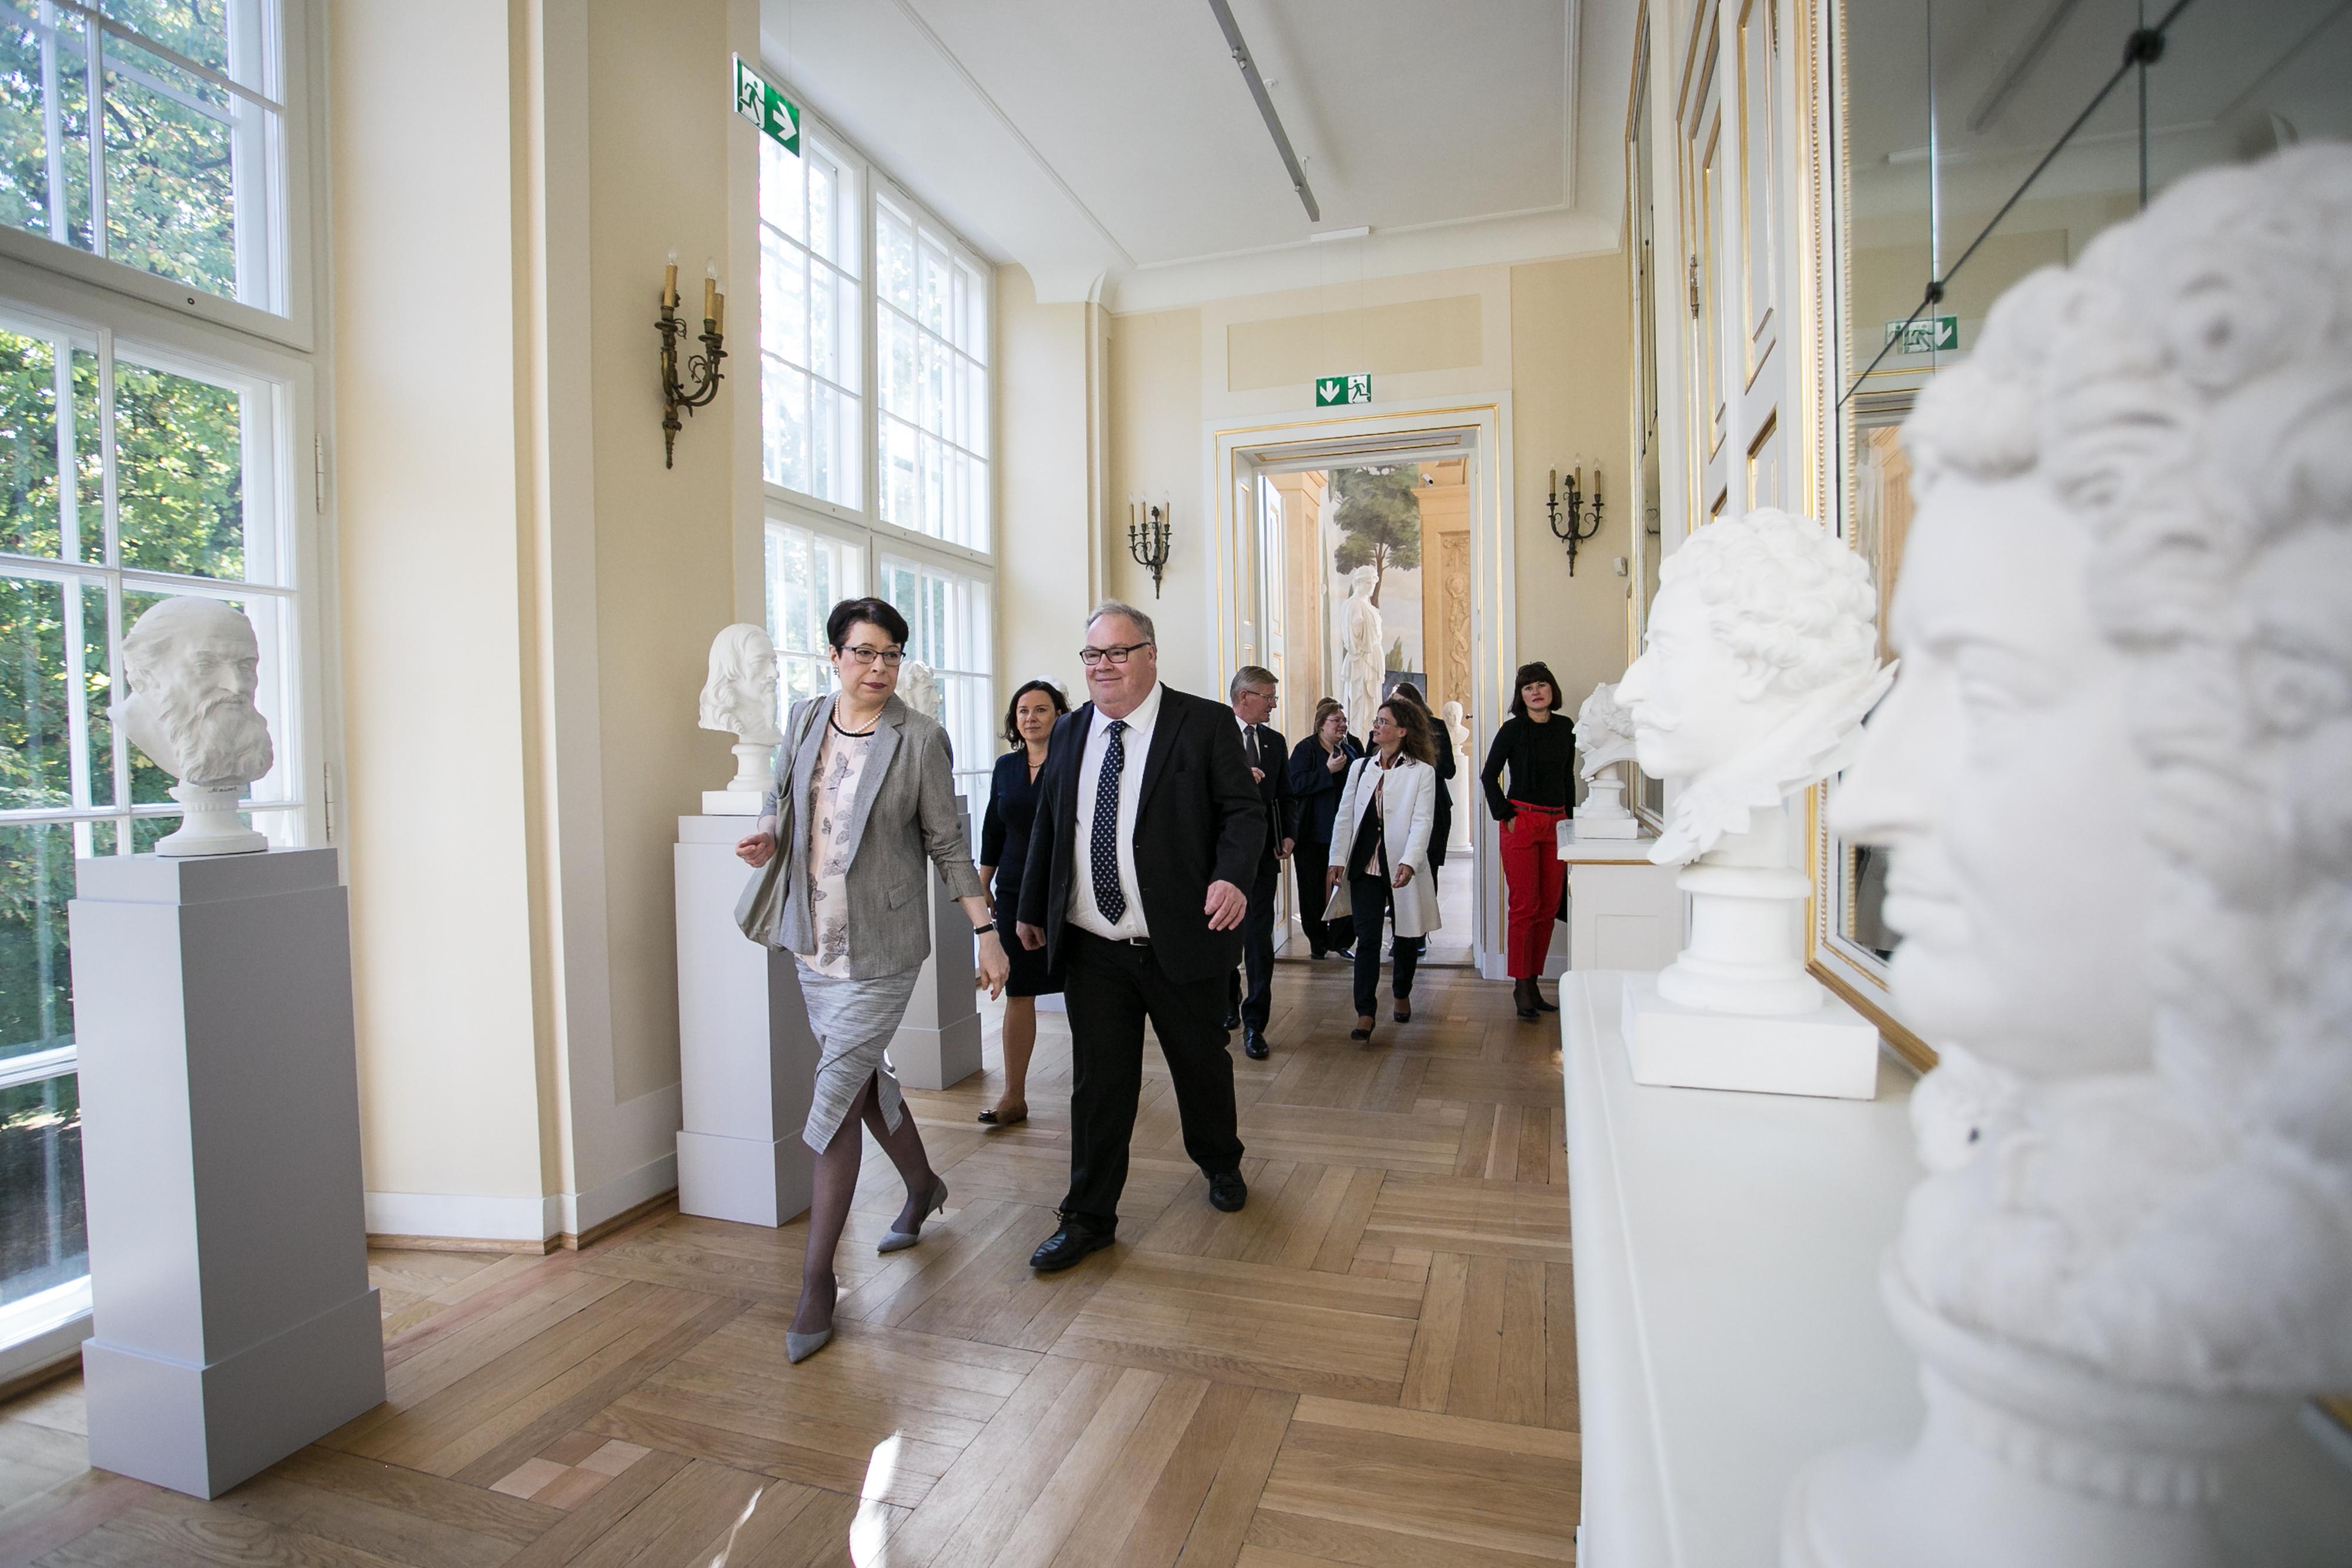 Podsekretarz Stanu MKiDN Wanda Zwinogrodzka i Sekretarz Stanu w Ministerstwie Kultury Norwegii Bård Folke Fredriksen/autor zdjęcia Danuta Matloch/